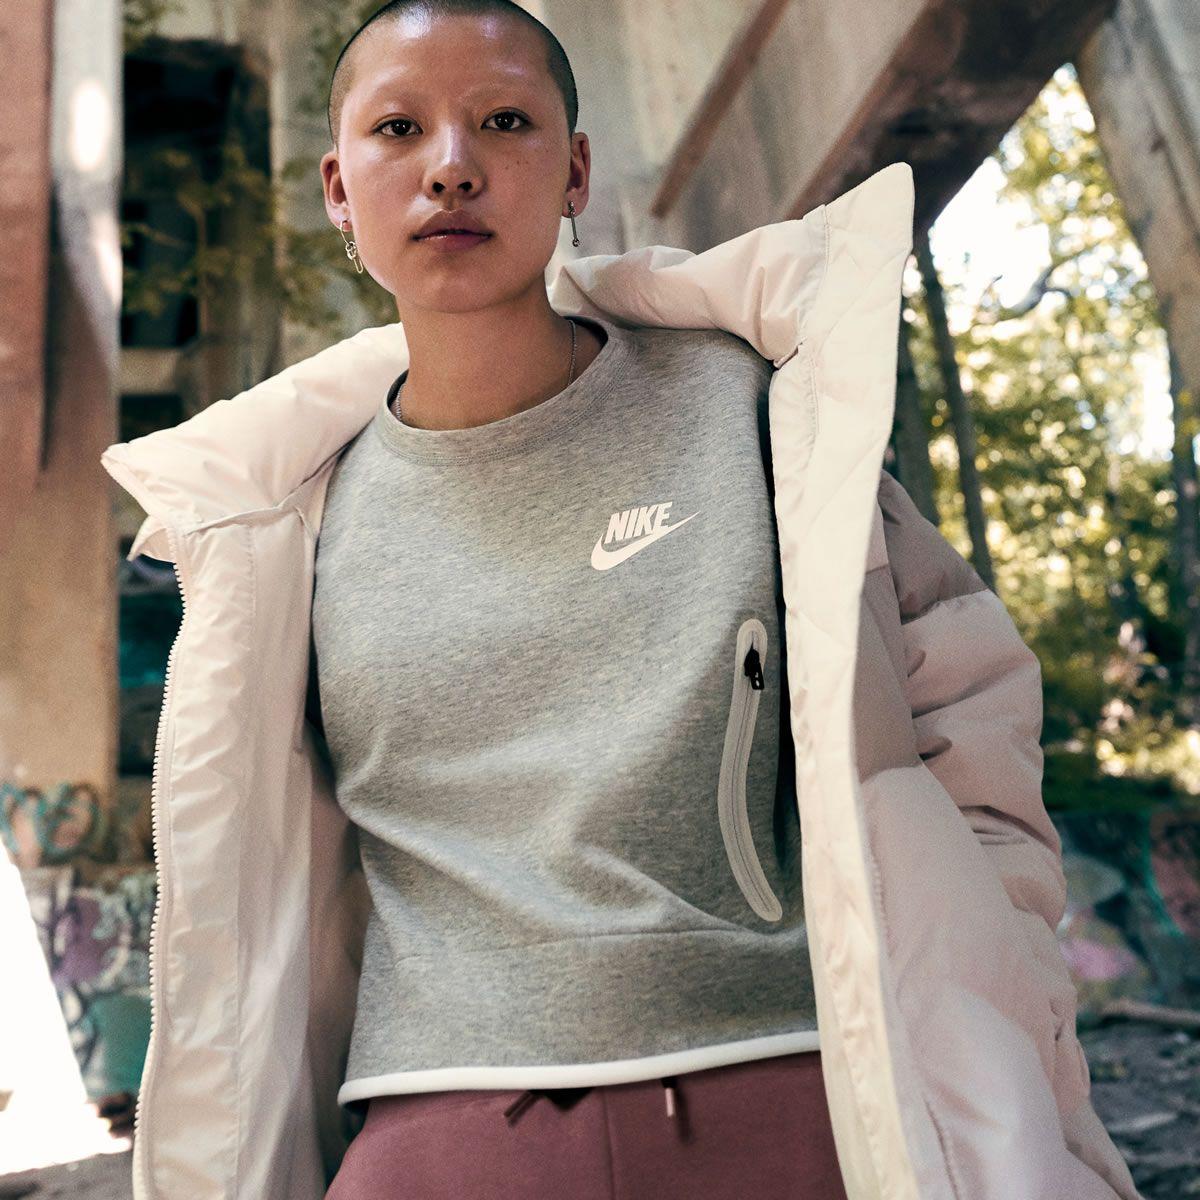 fe0559063cb06 Nike Workout Shirts Womens - raveitsafe